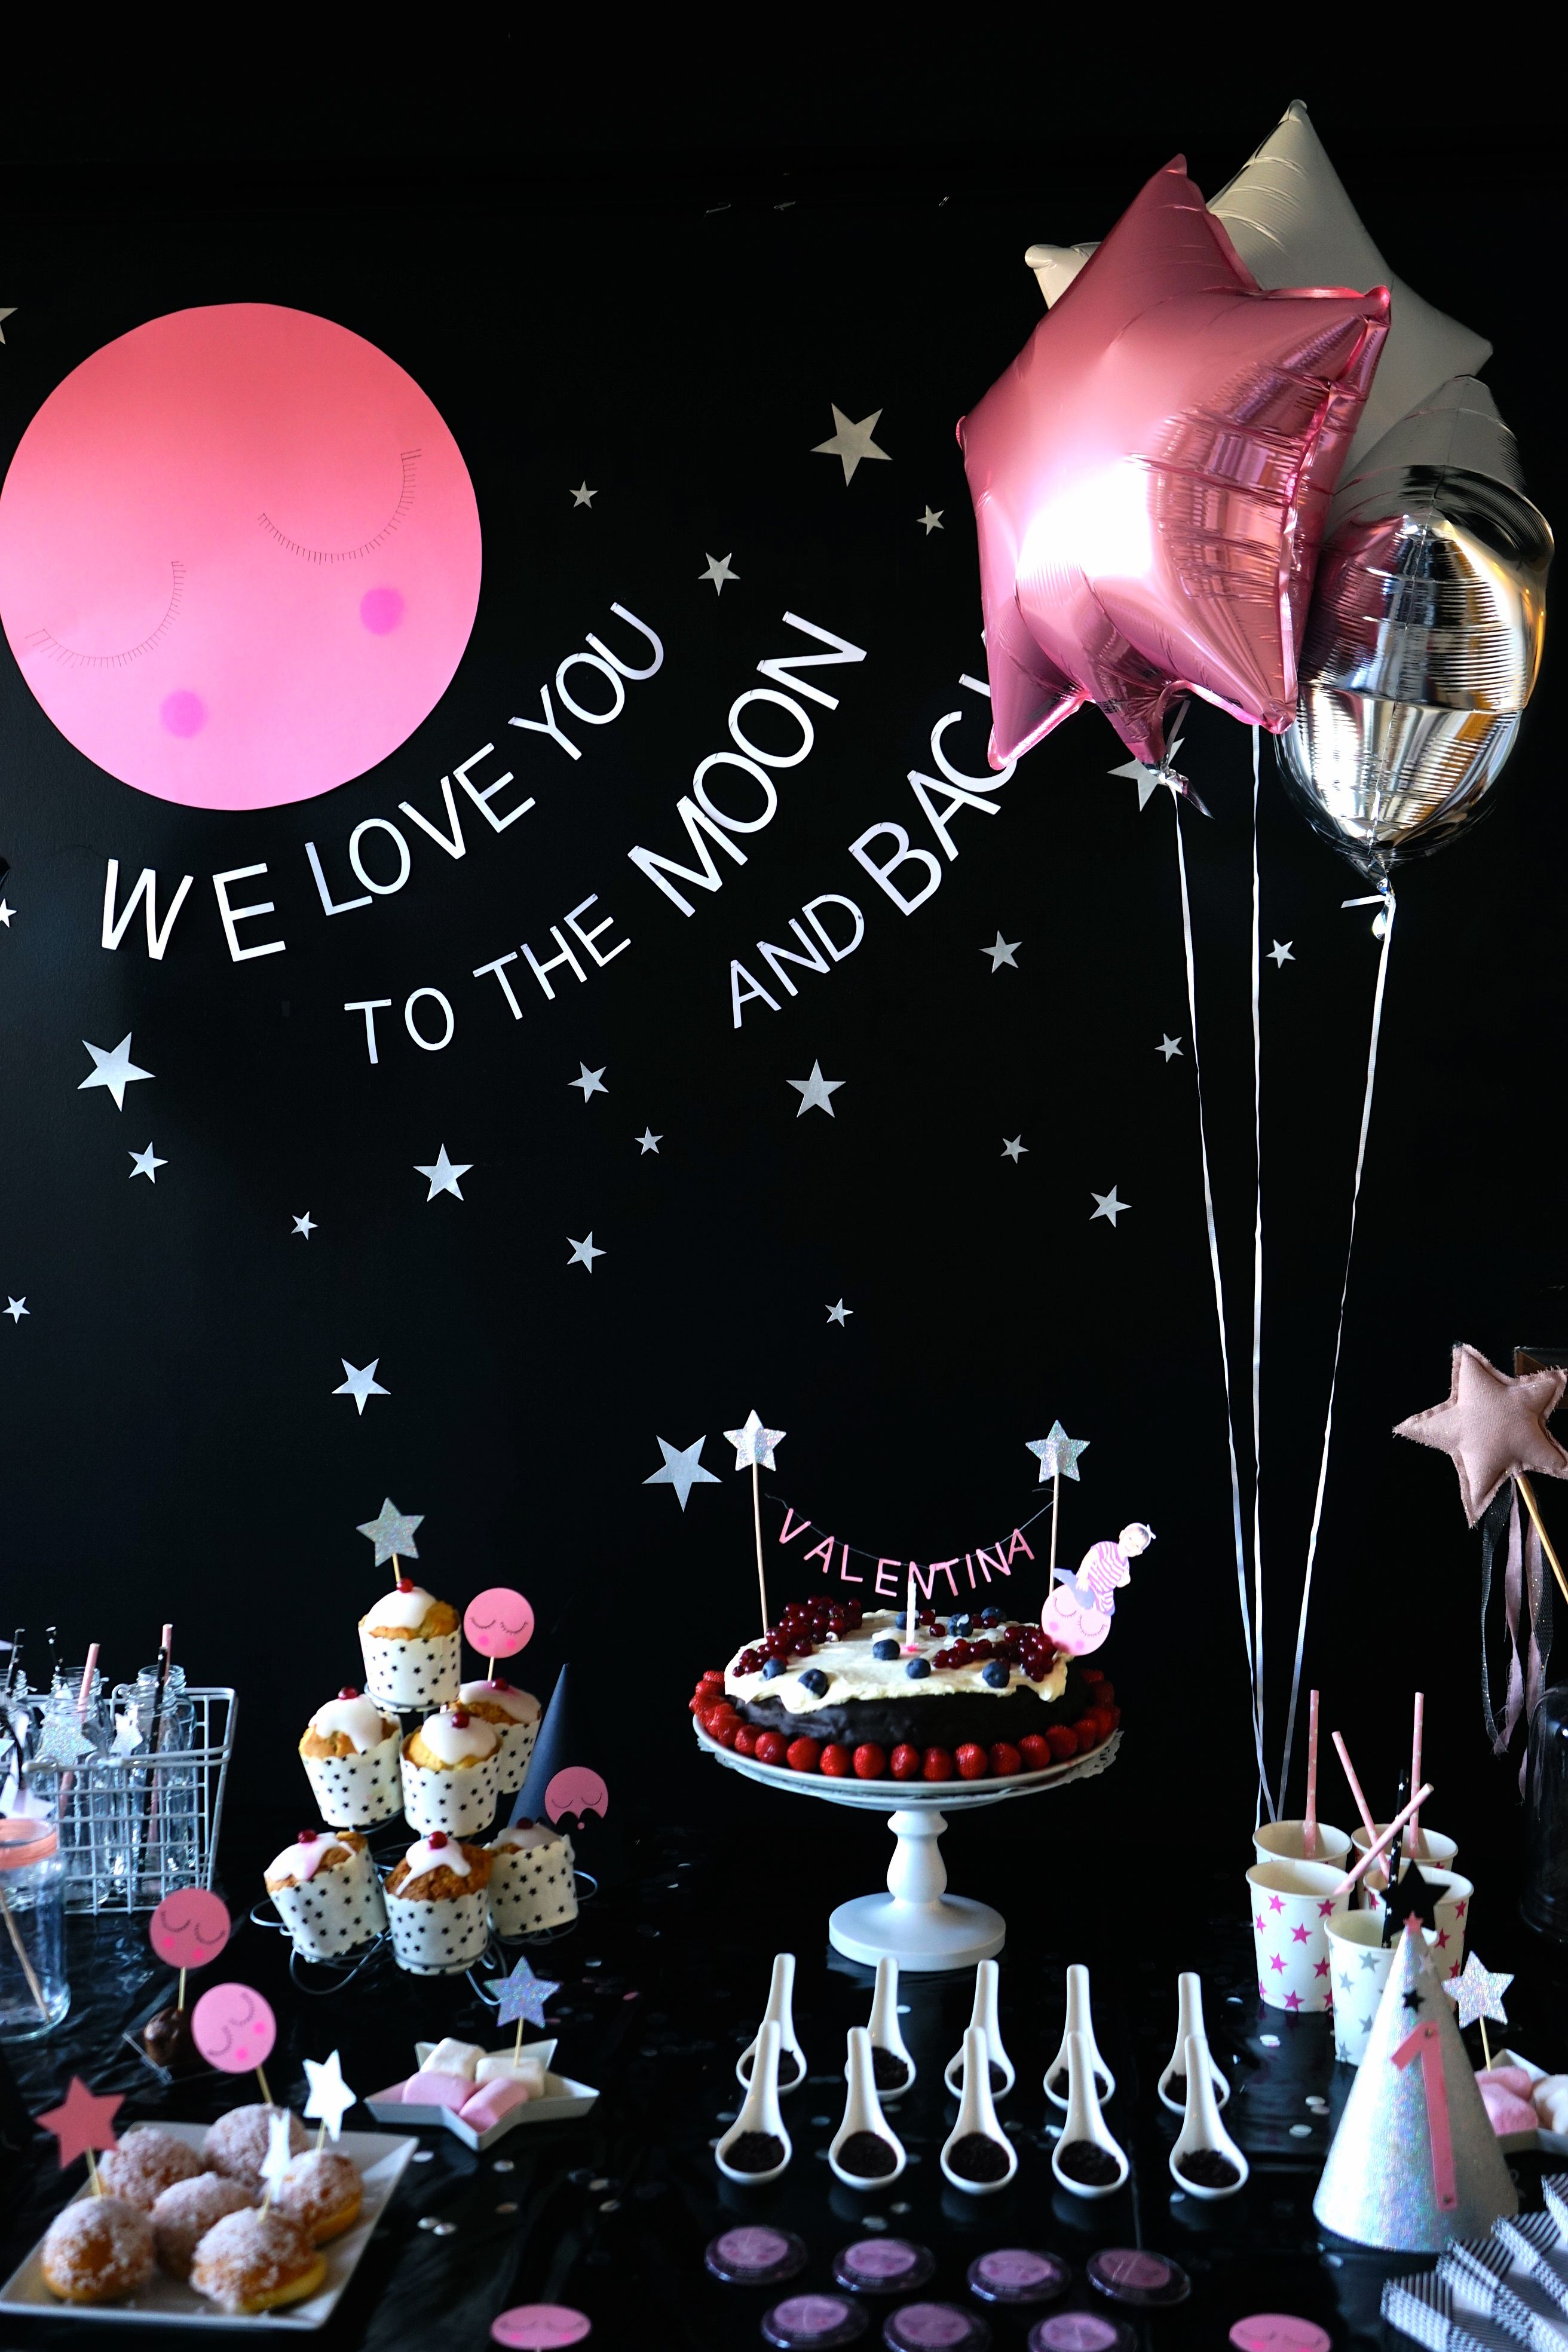 La fªte d un an de notre baby girl en mode Love you to the moon and